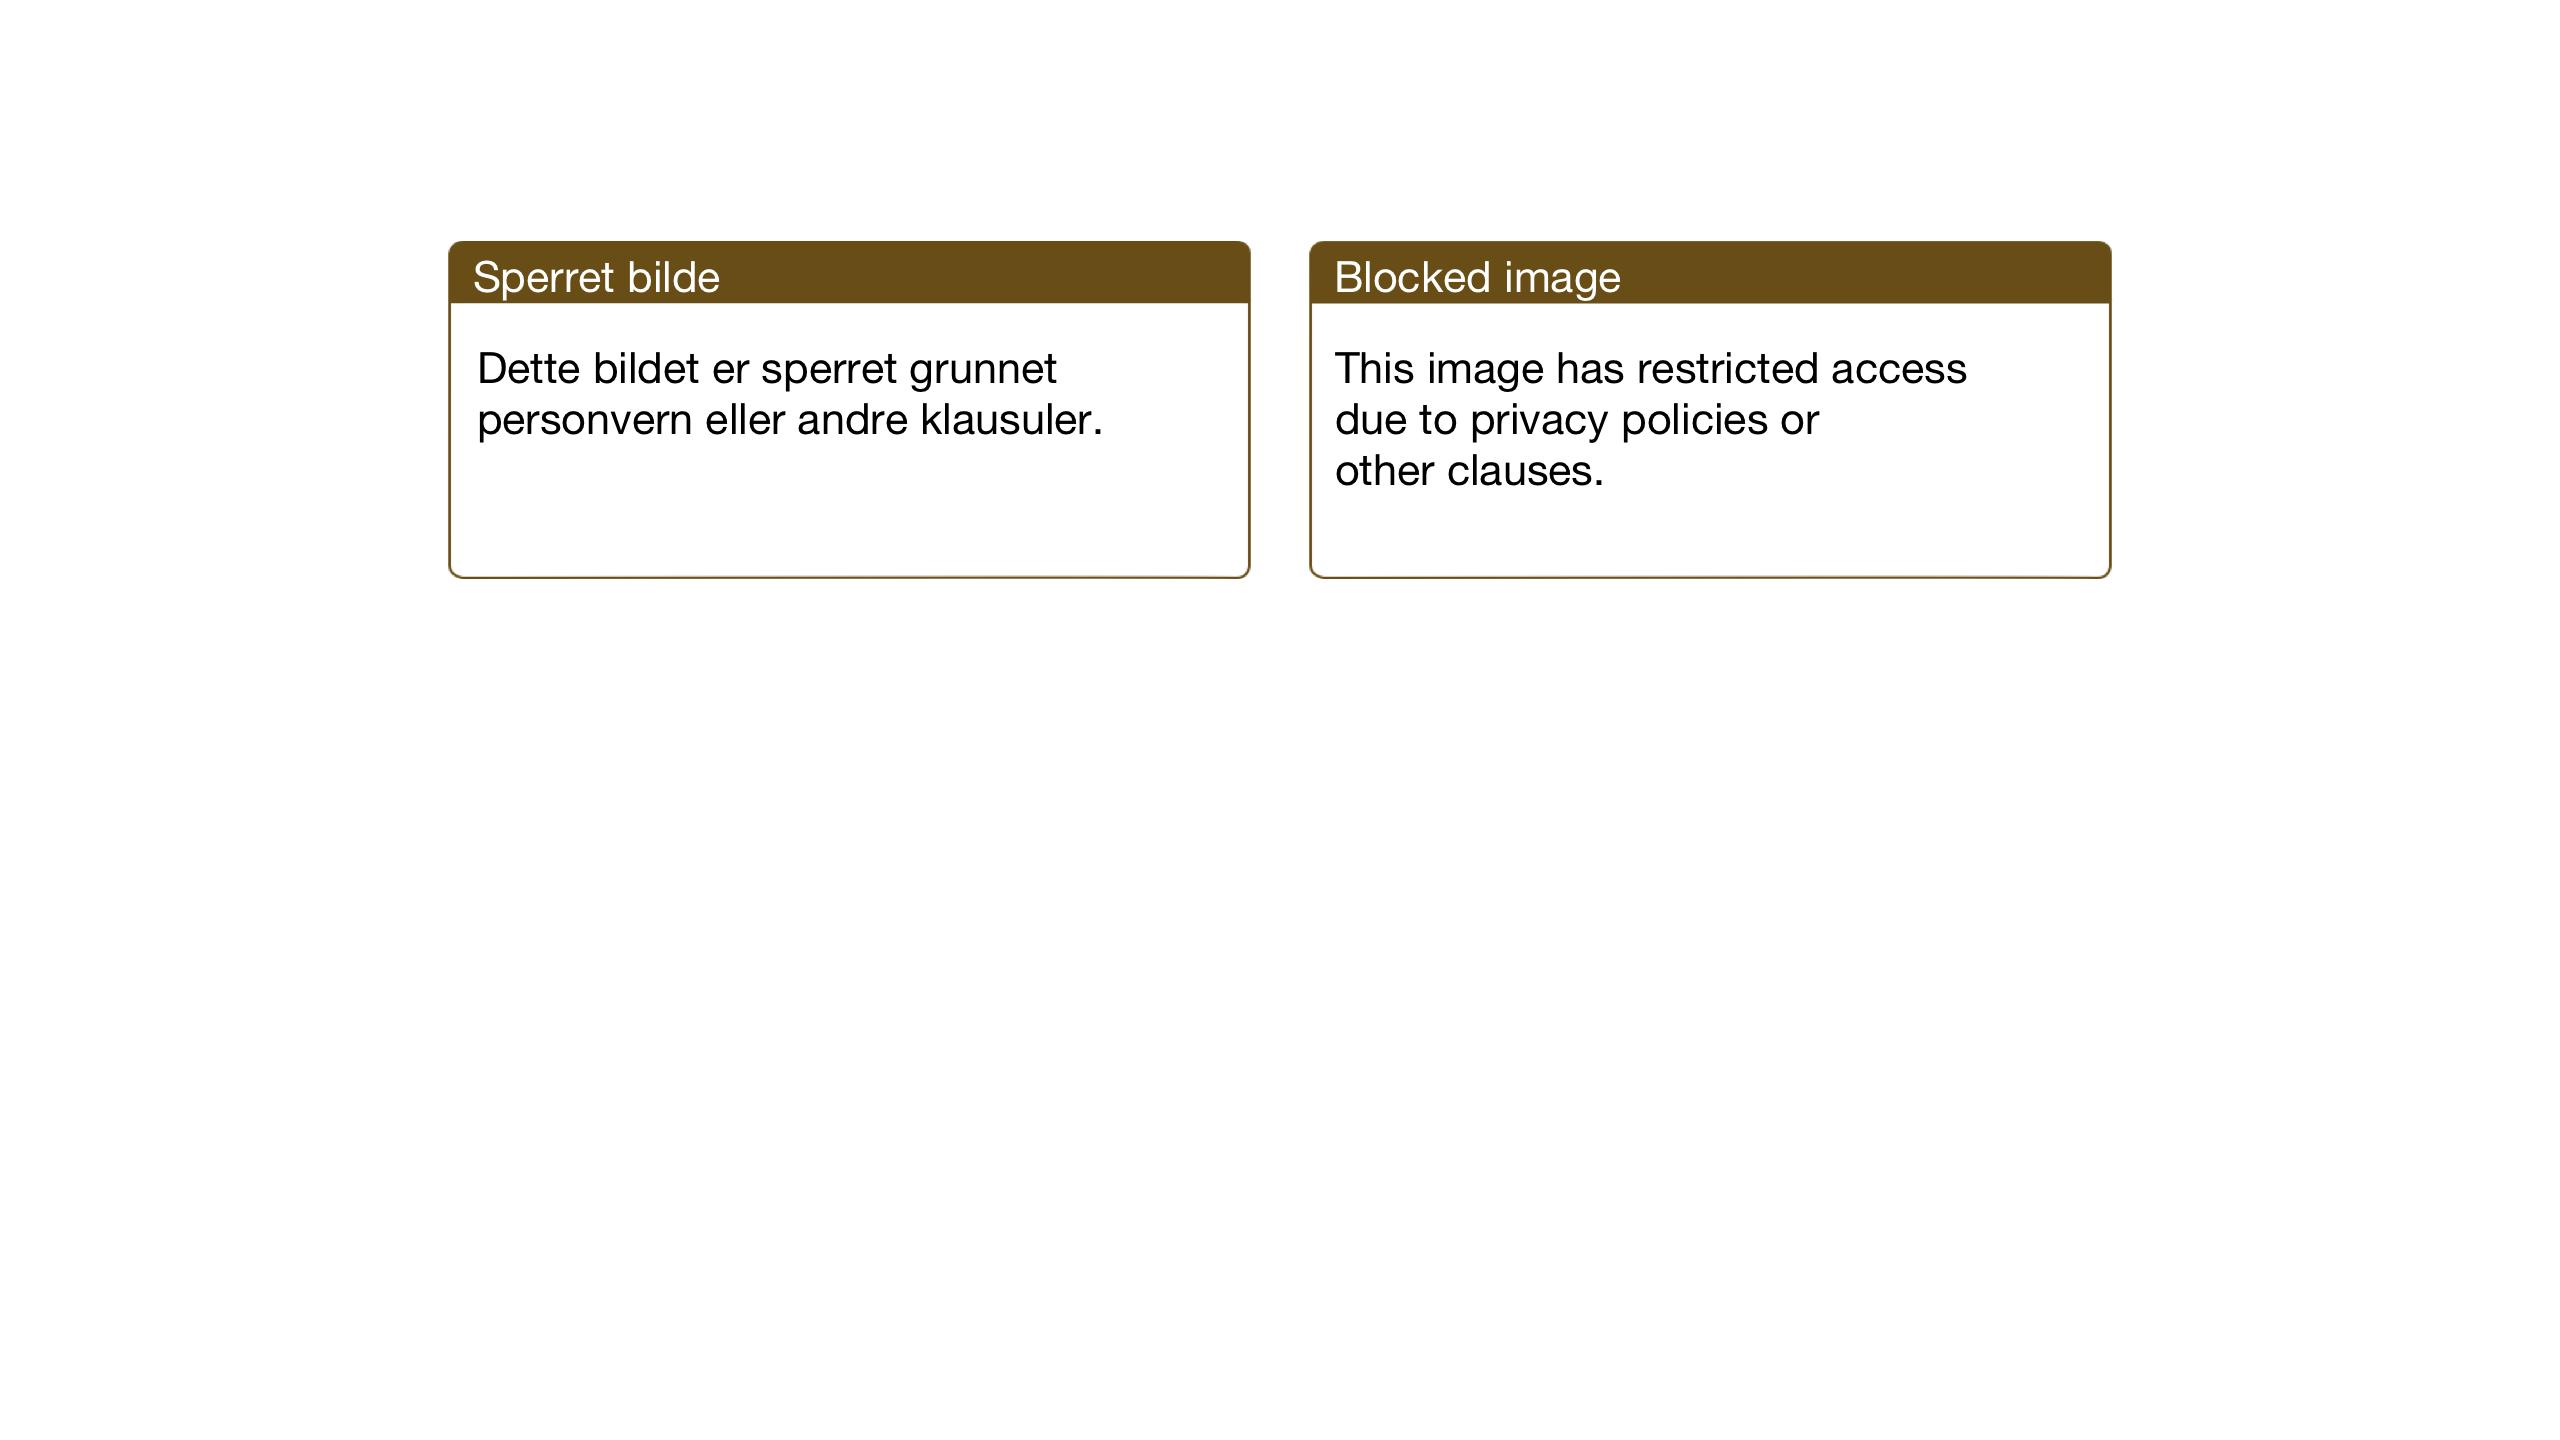 SAT, Ministerialprotokoller, klokkerbøker og fødselsregistre - Sør-Trøndelag, 690/L1053: Klokkerbok nr. 690C03, 1930-1947, s. 19